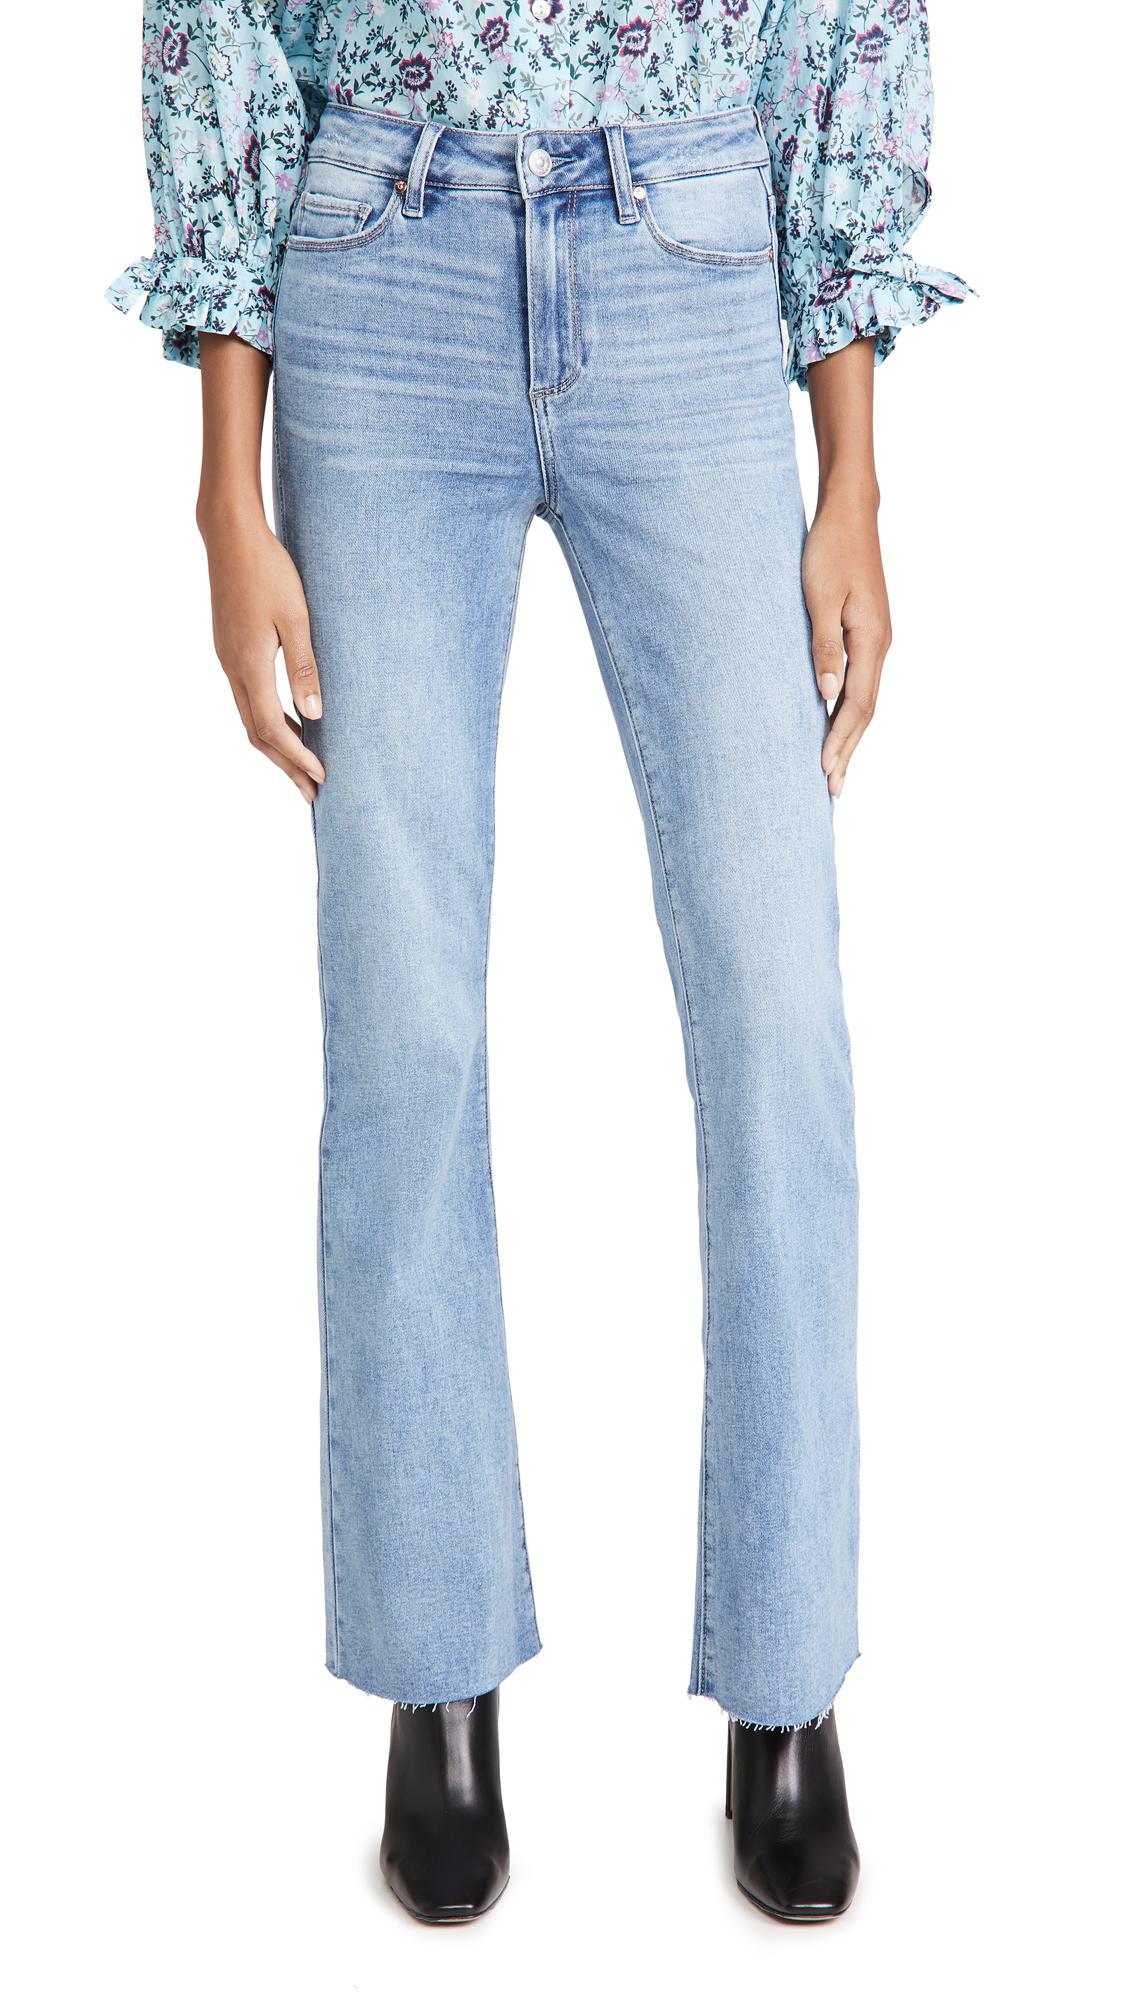 PAIGE High Rise Laurel Canyon Jeans